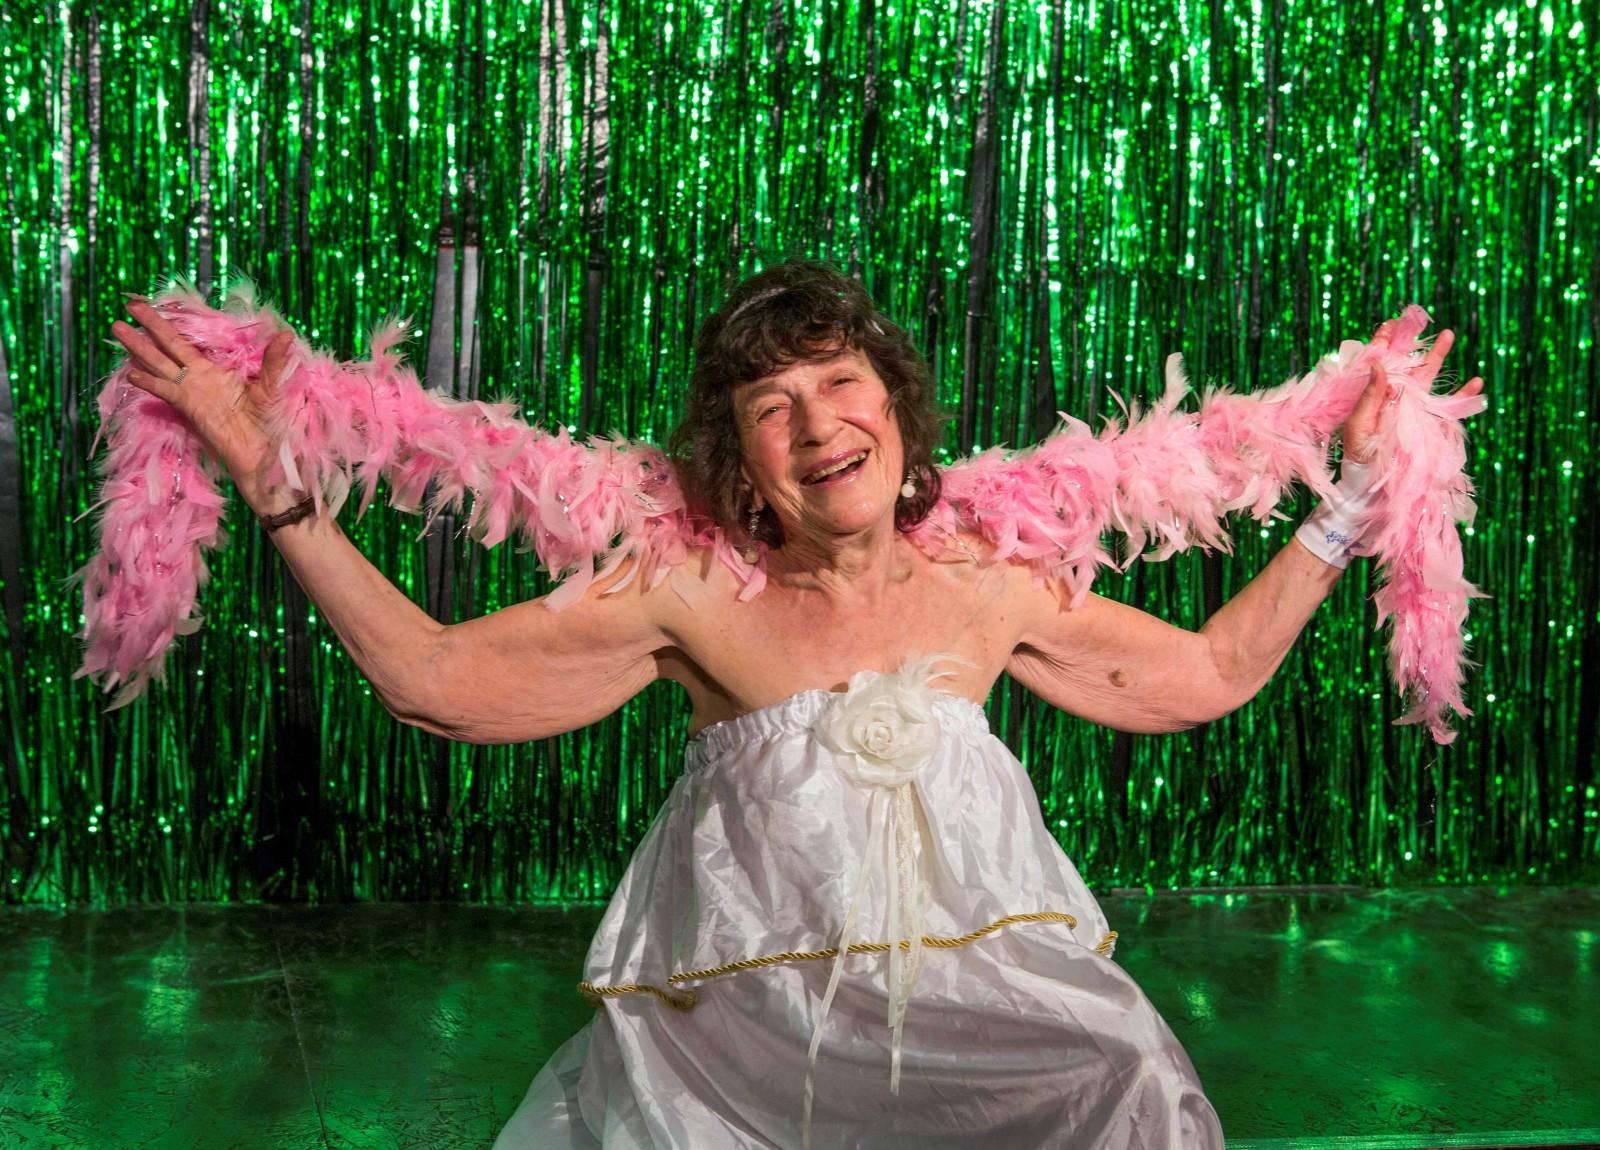 Meet the world's oldest burlesque dancer! Still stripping at 81